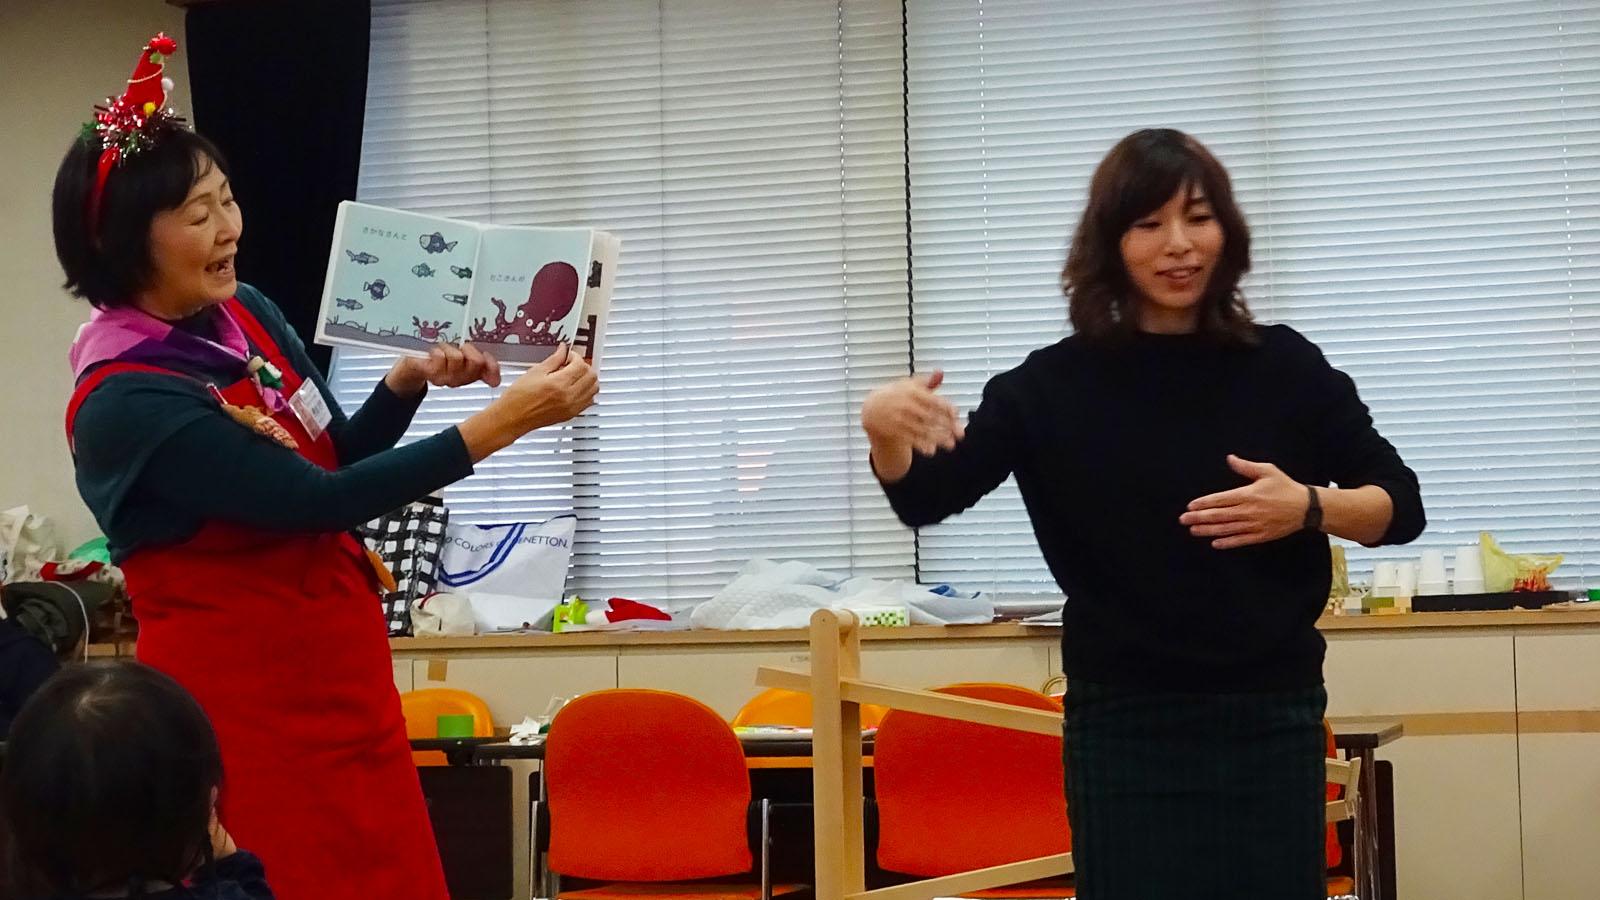 手話でおしゃべりしながら遊ぶ 墨田区・頭金多絵さんのおもちゃの広場